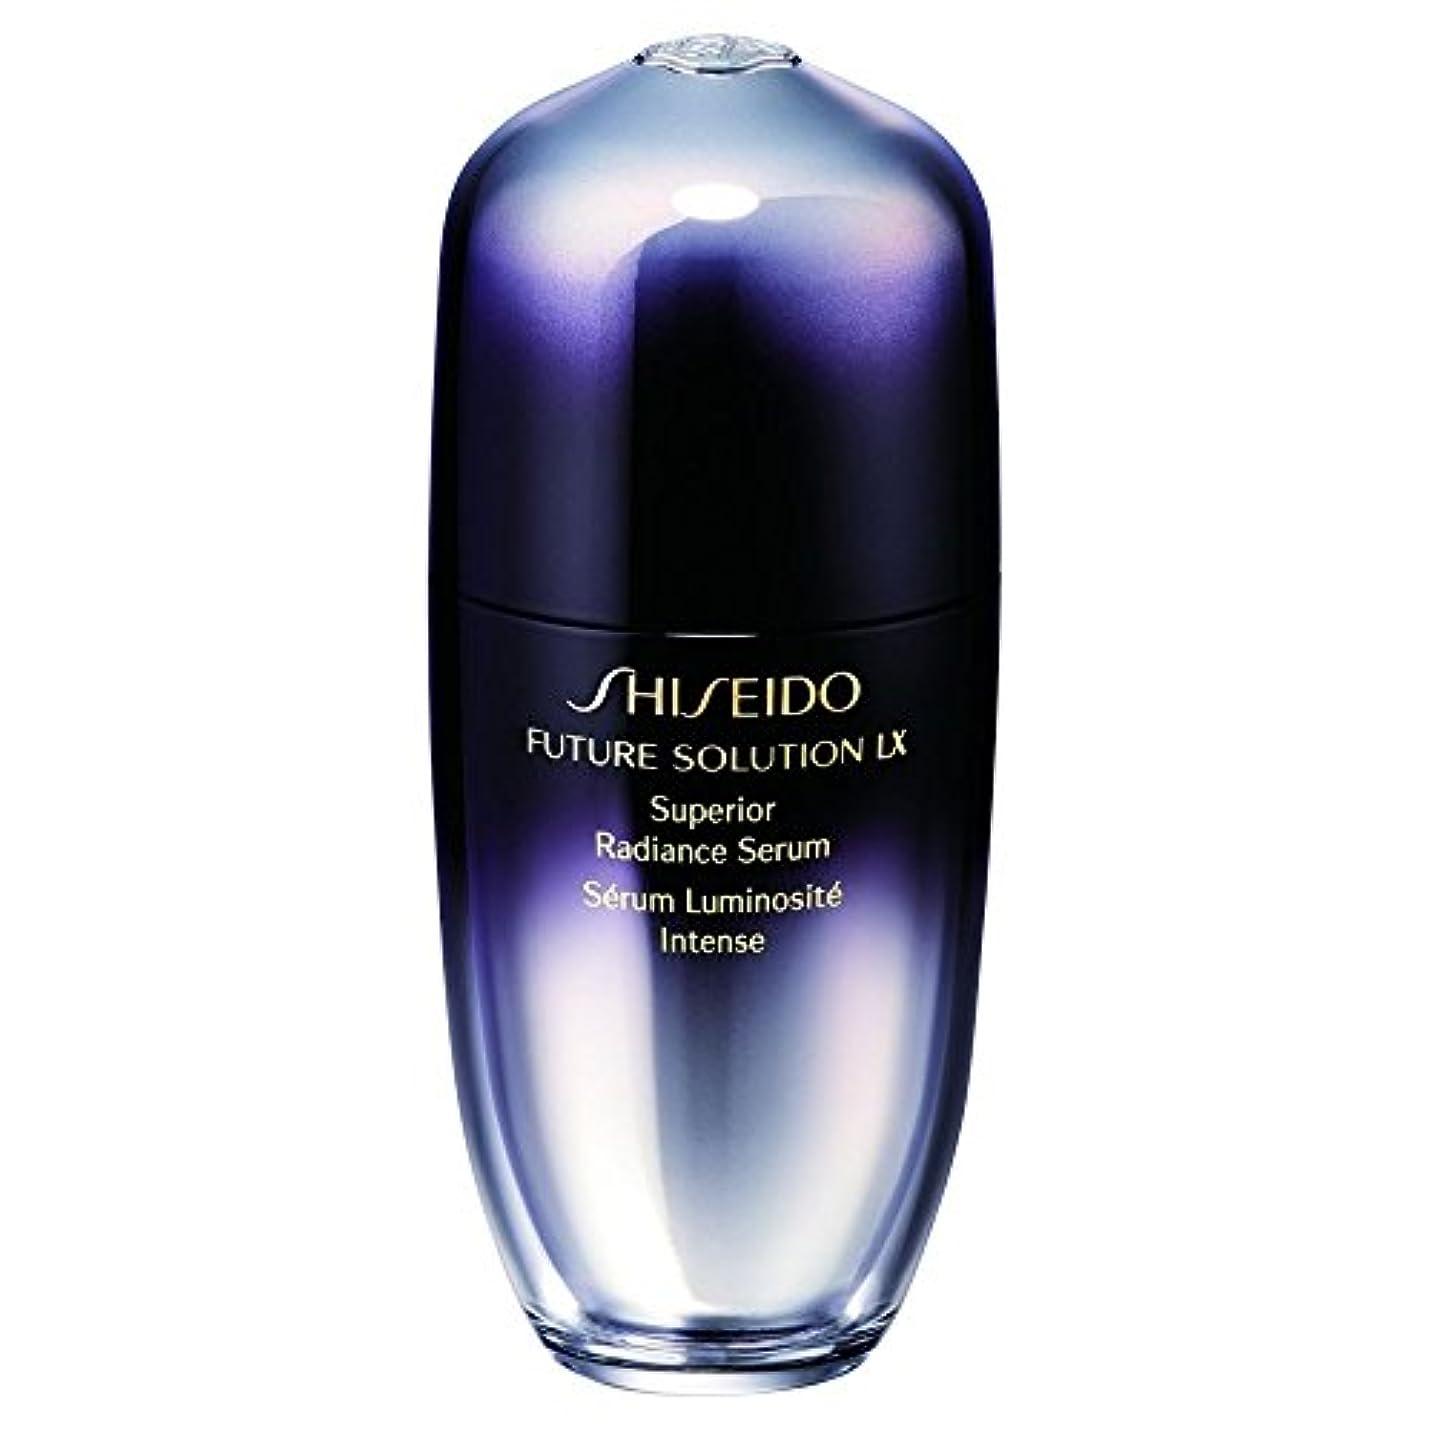 天井七面鳥オートメーション[Shiseido] 資生堂フューチャーソリューションLx優れた放射輝度セラム30Ml - Shiseido Future Solution Lx Superior Radiance Serum 30ml [並行輸入品]